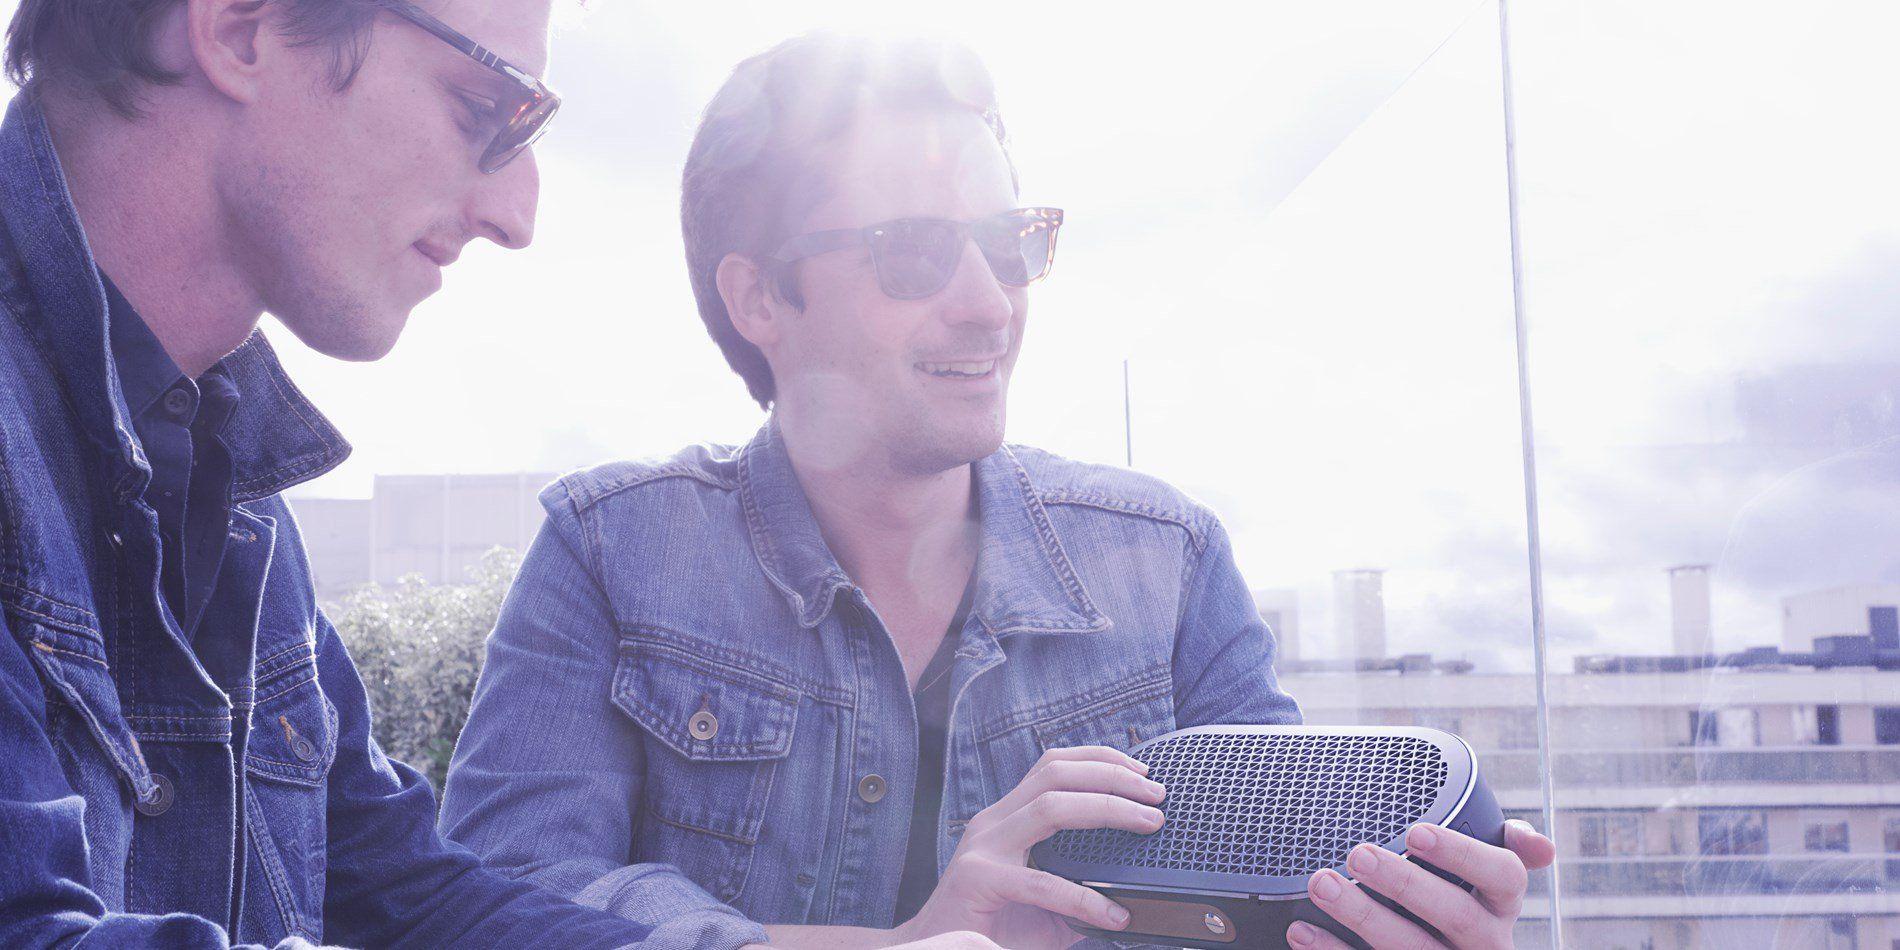 Bezdrátový reproduktor Dali Katch 2 zvukové profily extra basy